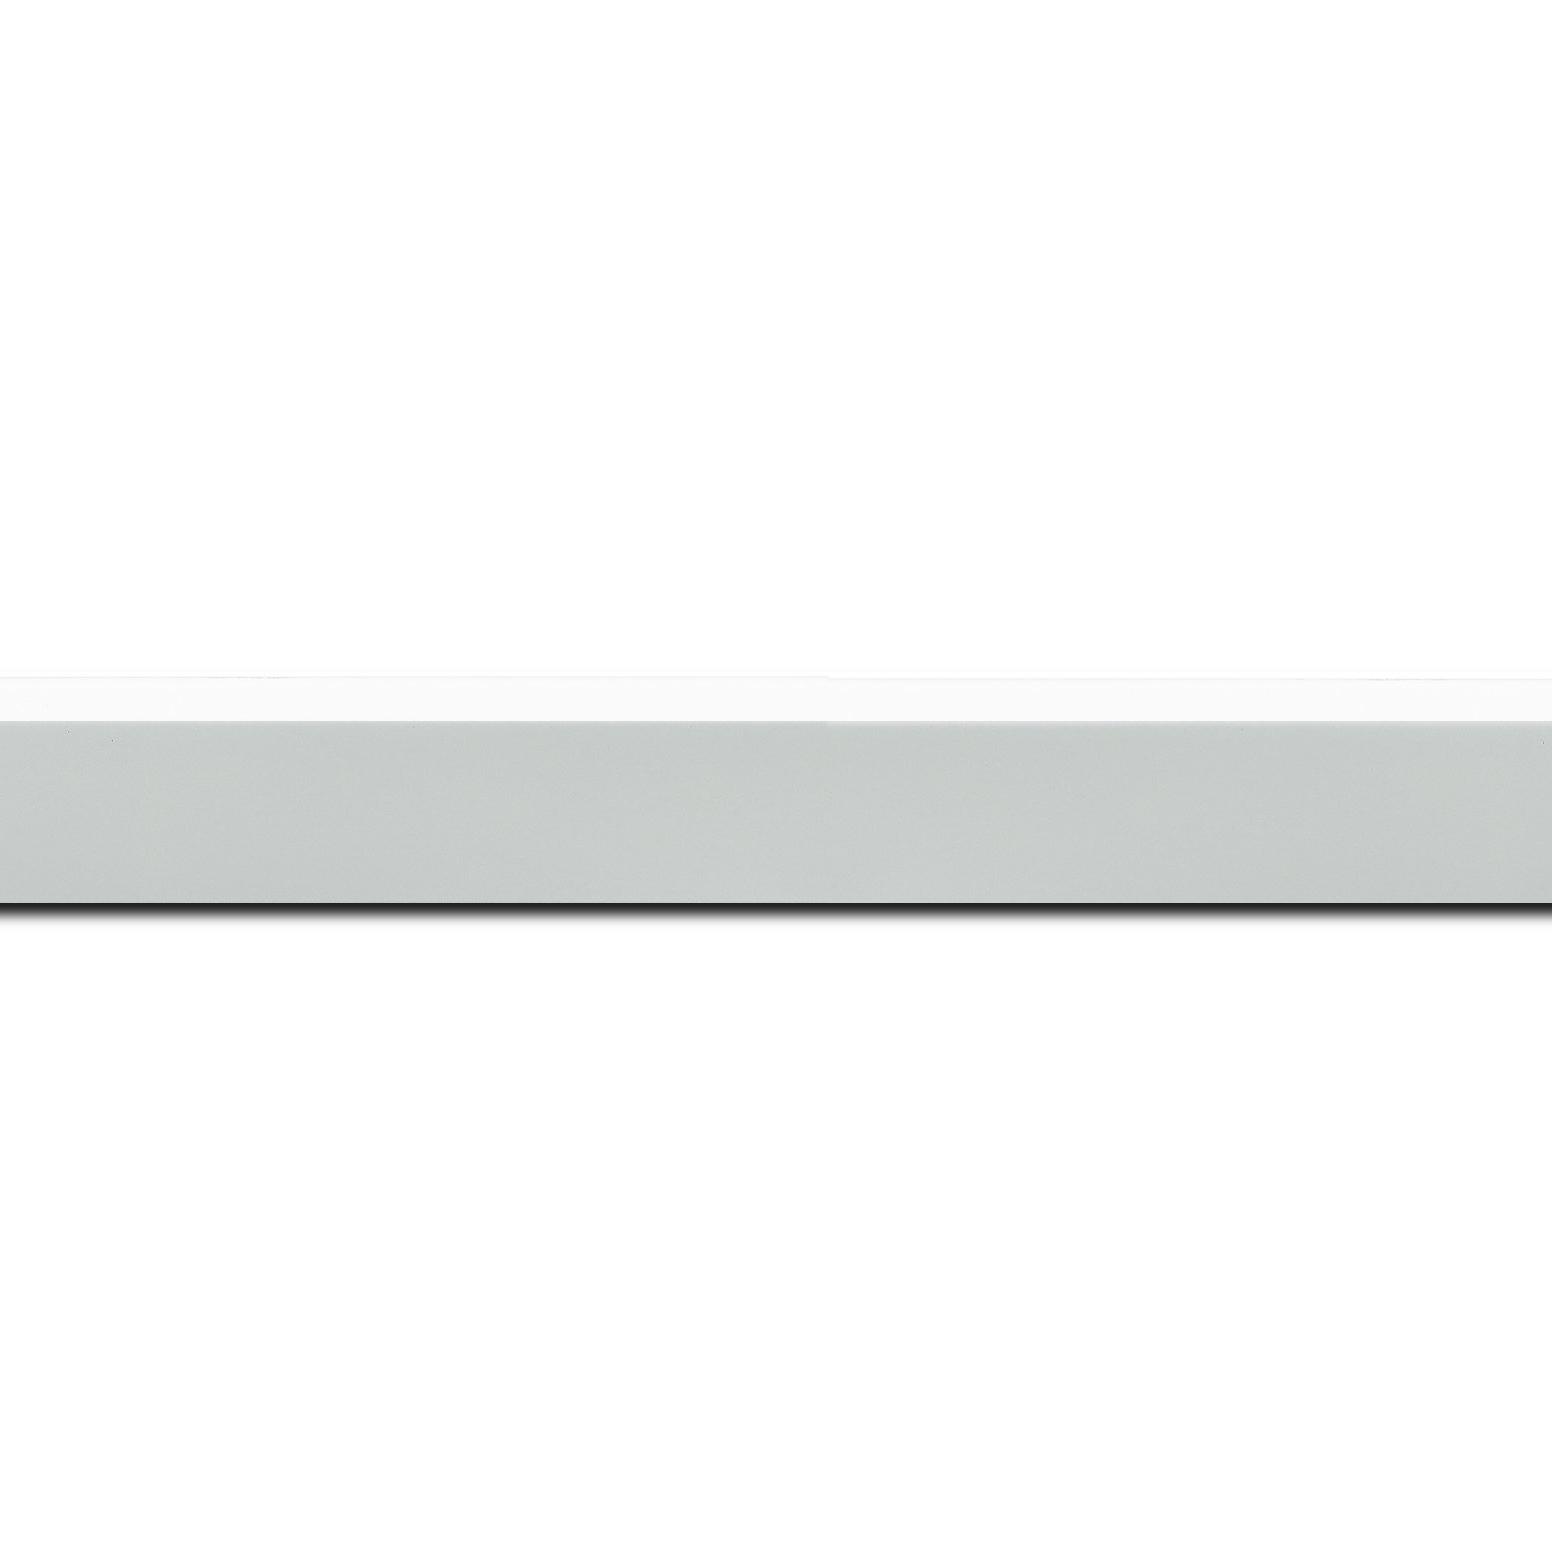 Pack par 12m, bois profil en pente plongeant largeur 2.2cm couleur blanc mat pore bouché (longueur baguette pouvant varier entre 2.40m et 3m selon arrivage des bois)